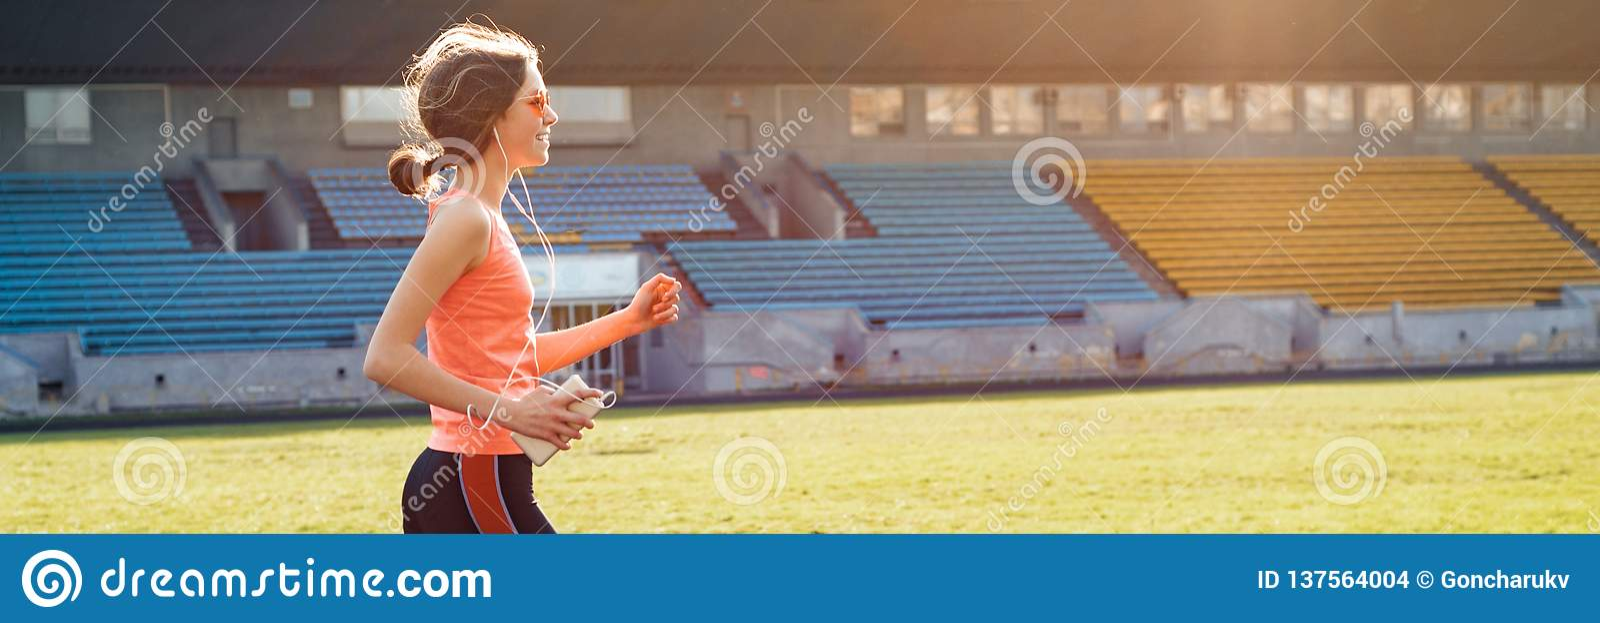 Adolescente bonito que corre no estádio, bandeira panorâmico